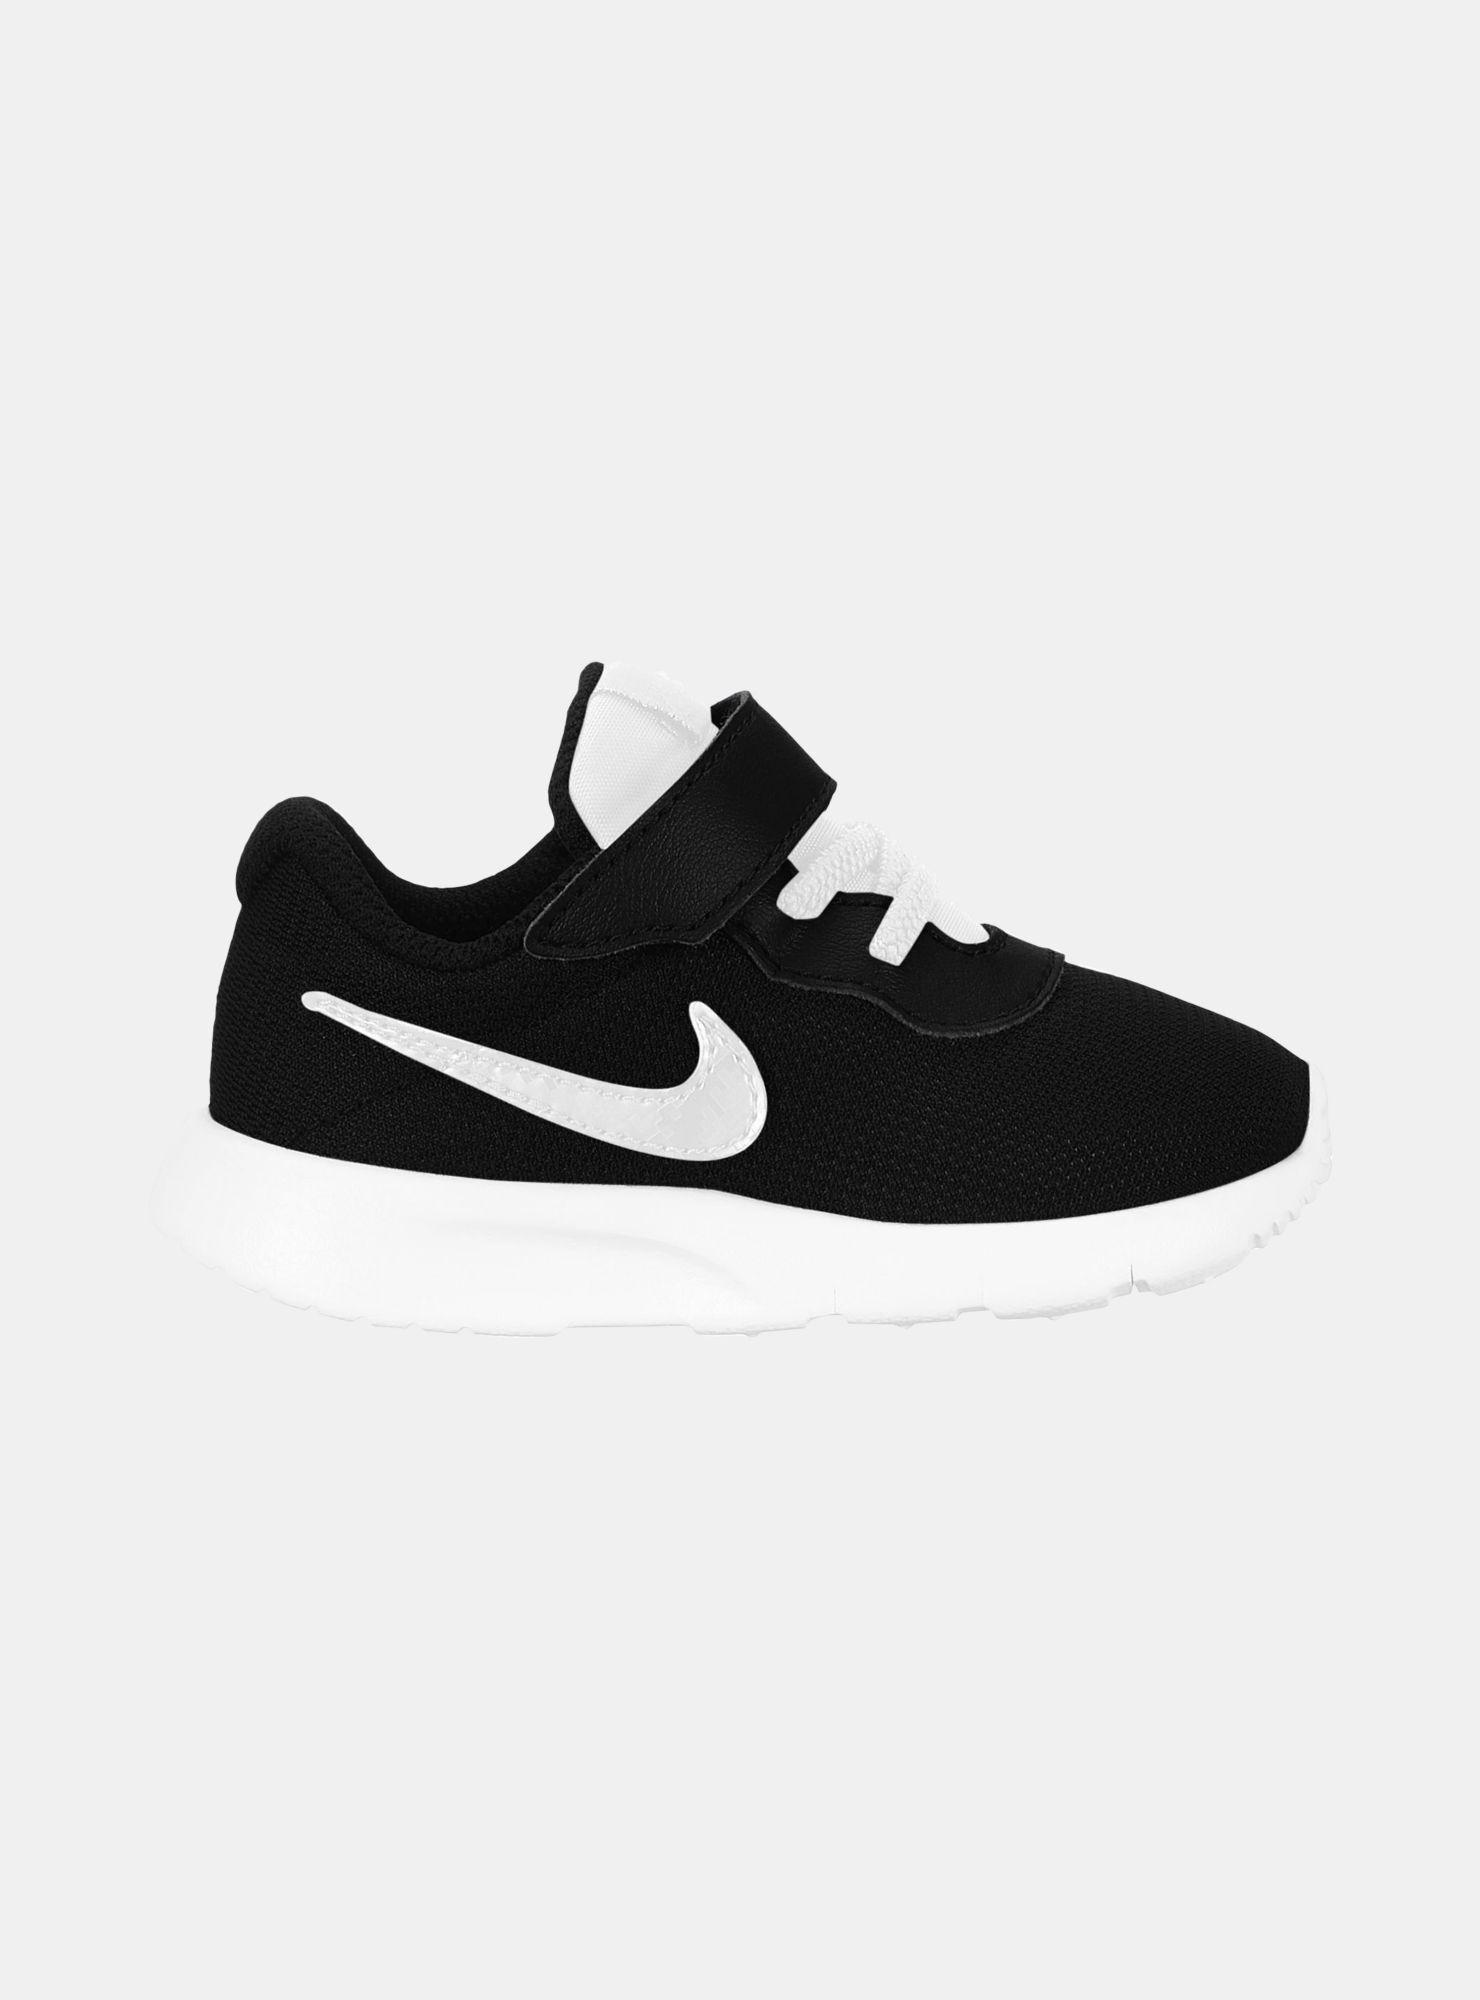 Zapatilla Nike Tanjun Urbana Hombre - Zapatillas  1780cb26e53